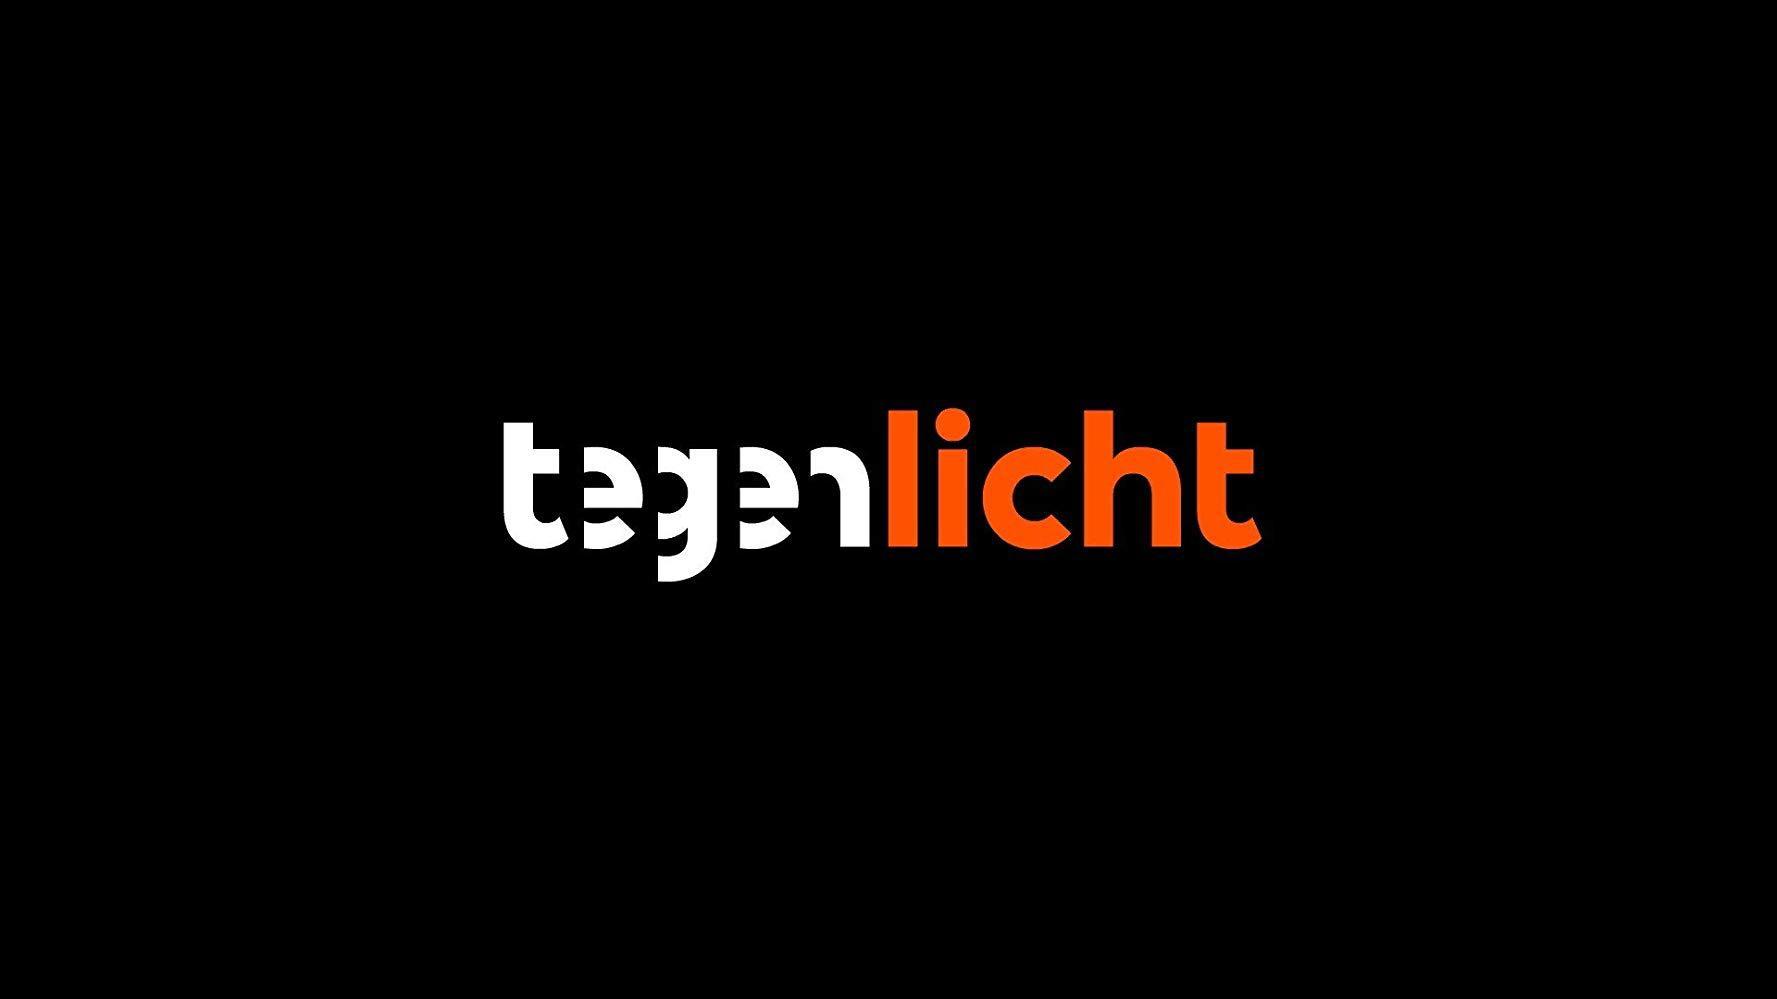 Заставка нидерландской телепрограммы Tegenlicht